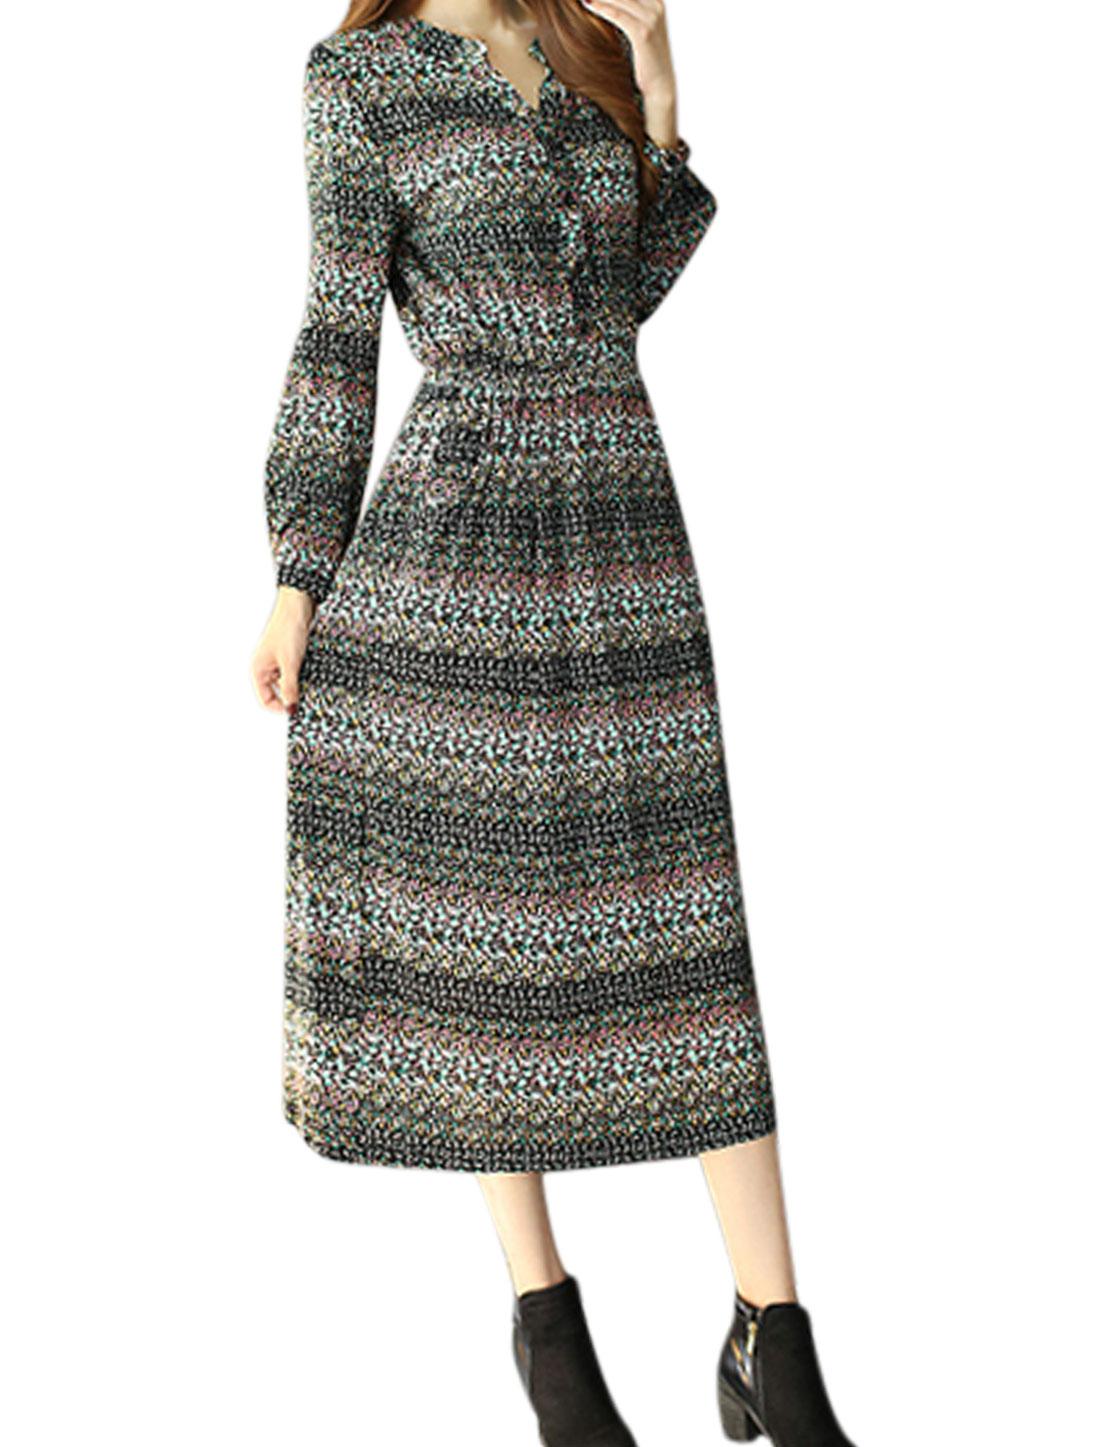 Women Floral Prints Elastic Waist Button Closed A Line Dress Black M